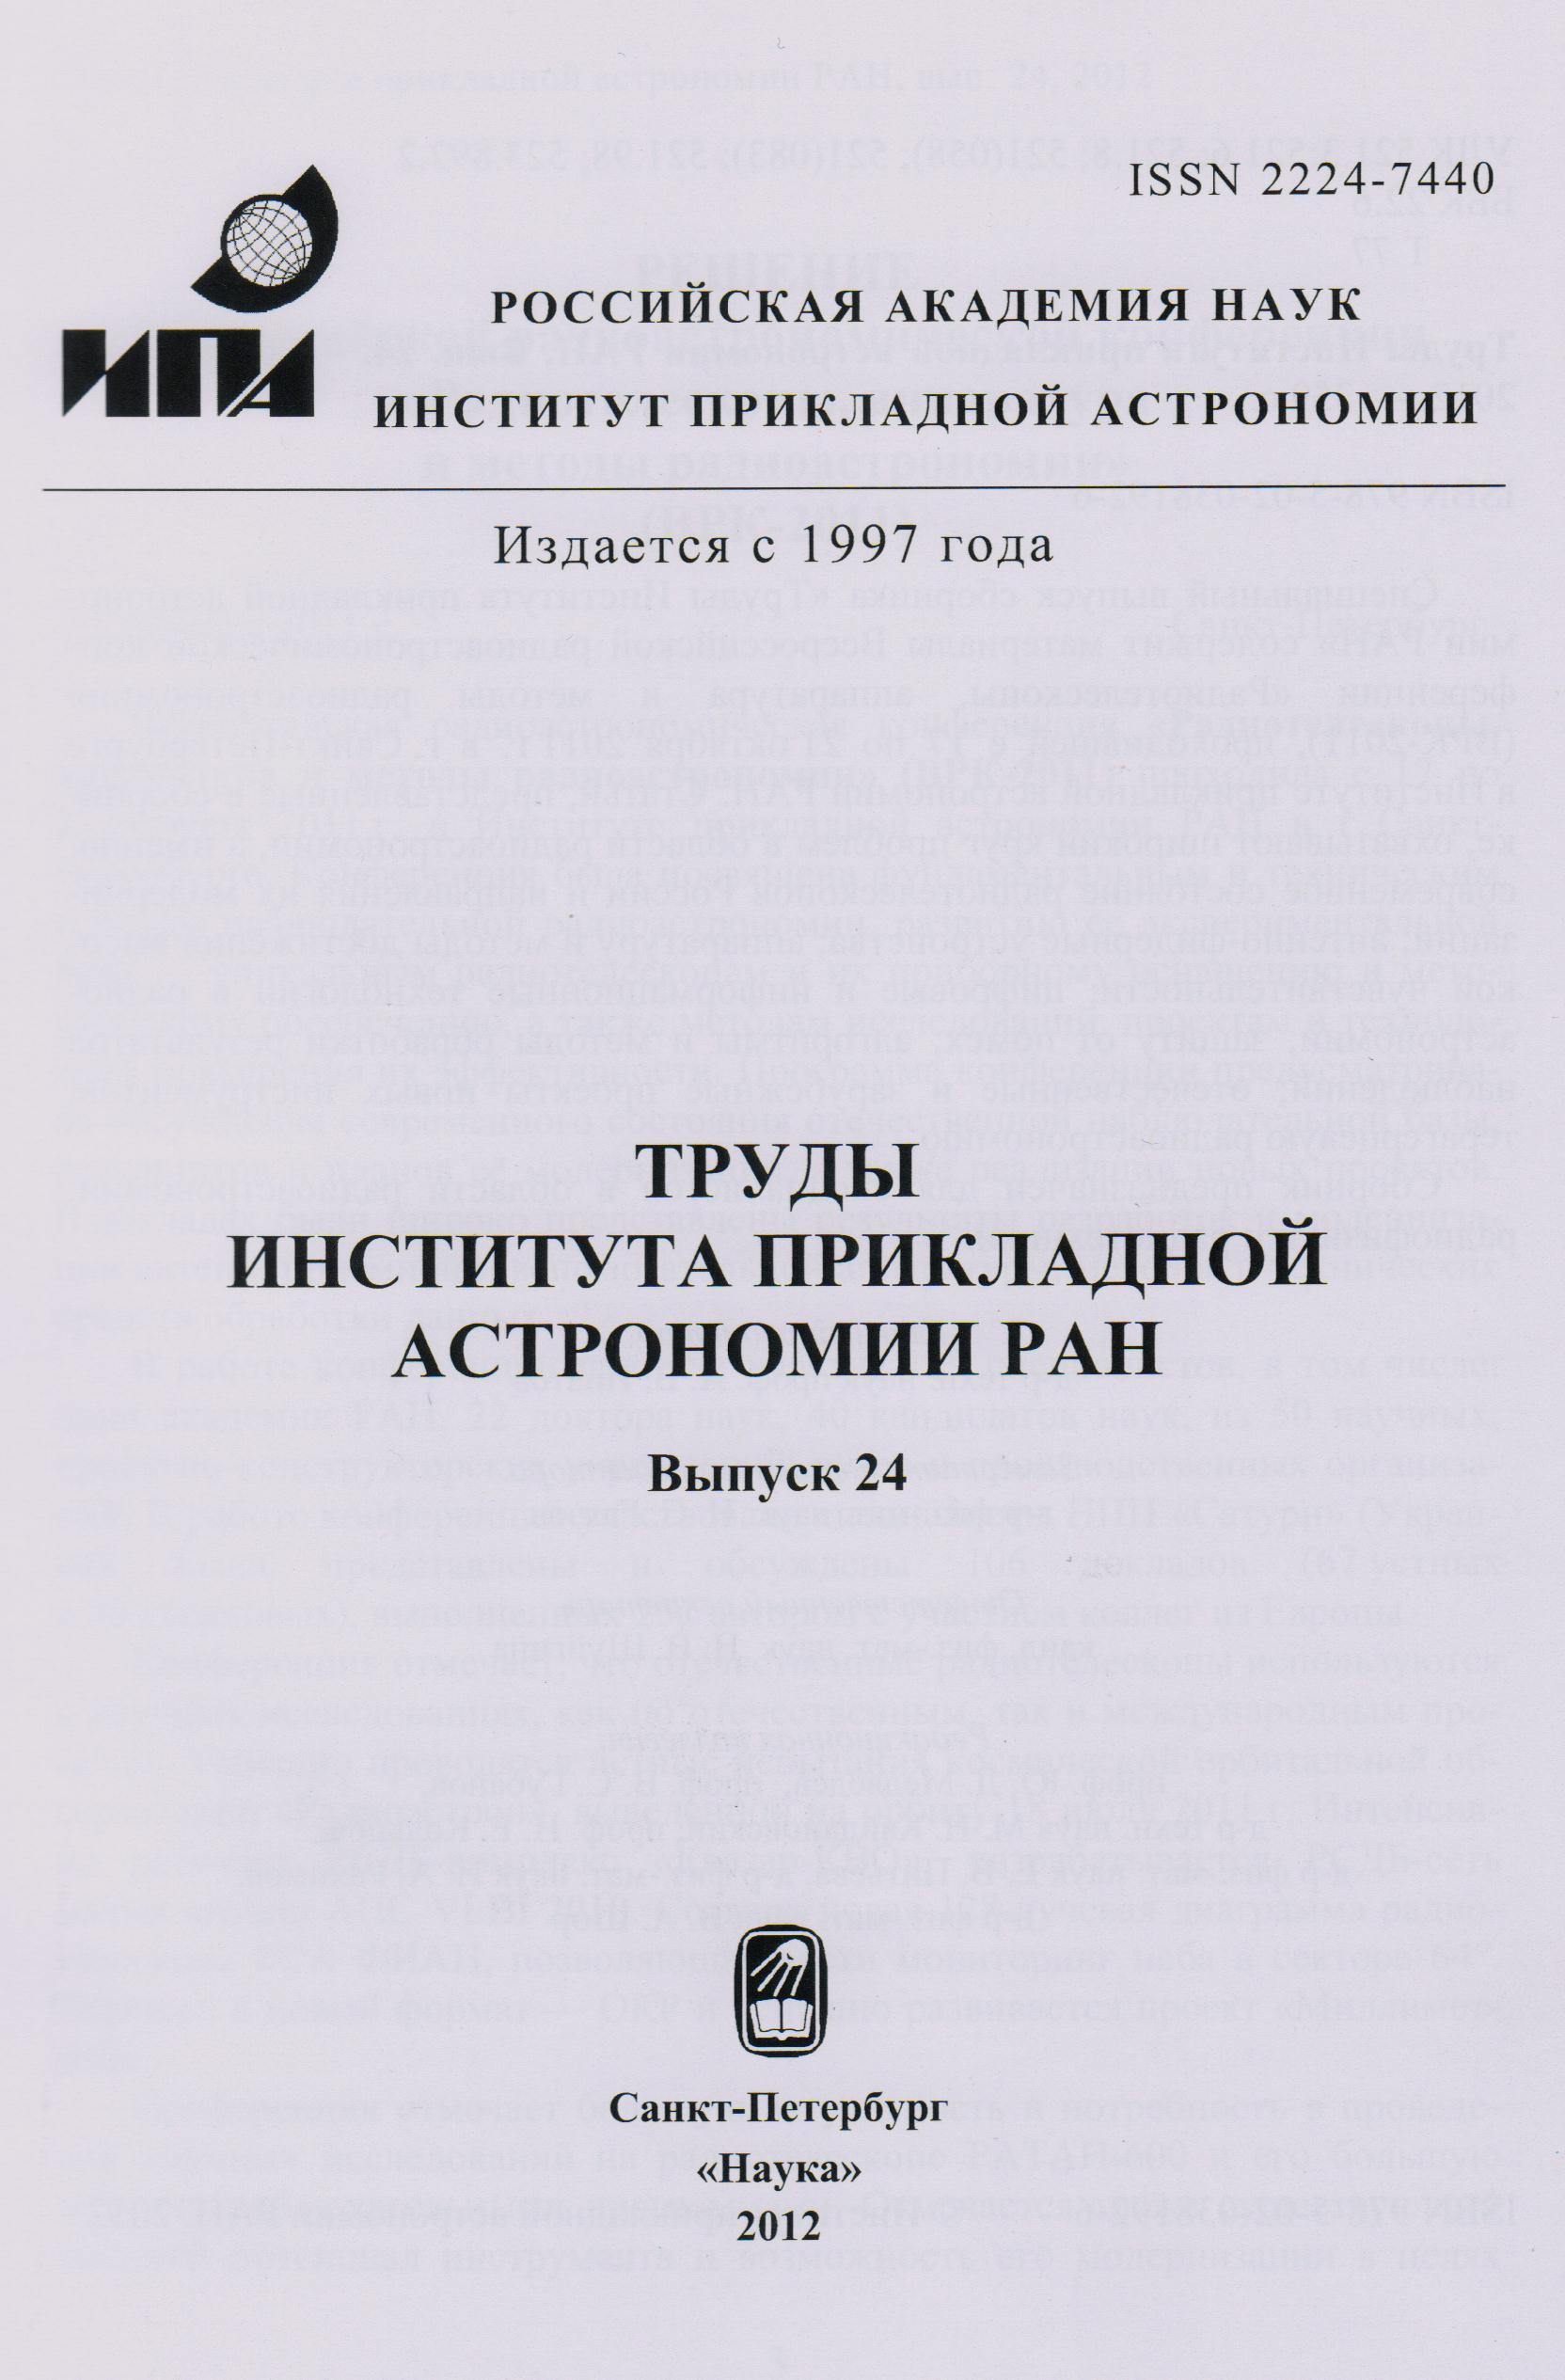 Текущее состояние информационно-коммуникационных технологий в ПНЦ РАН (Радиоастрономическая аппаратура)